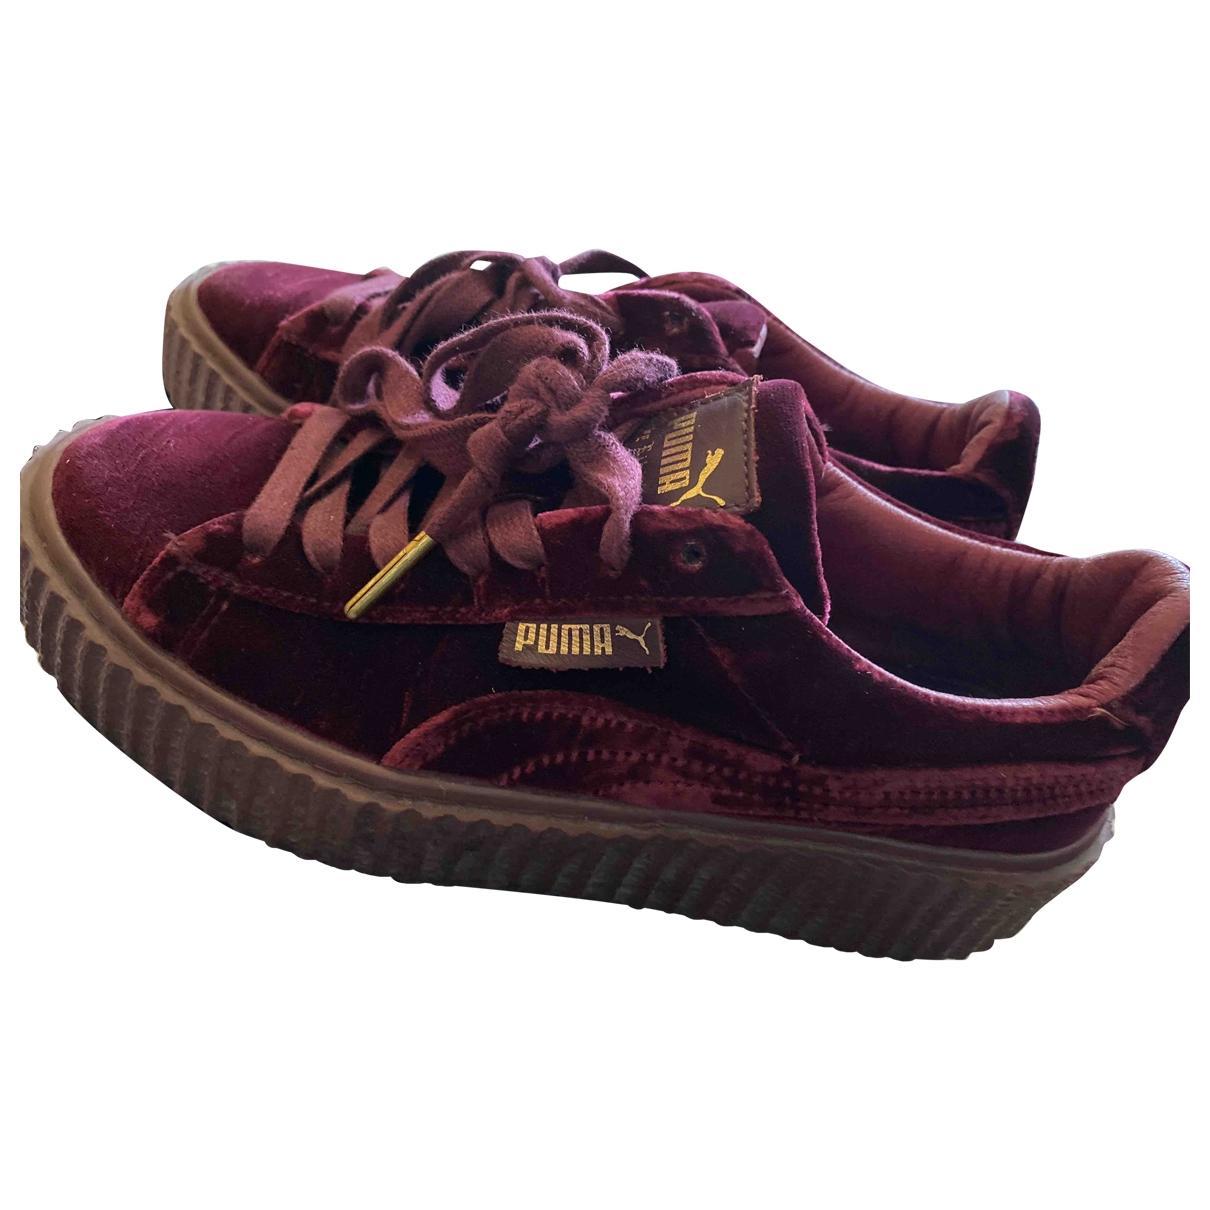 Rihanna X Puma - Baskets   pour femme en velours - violet